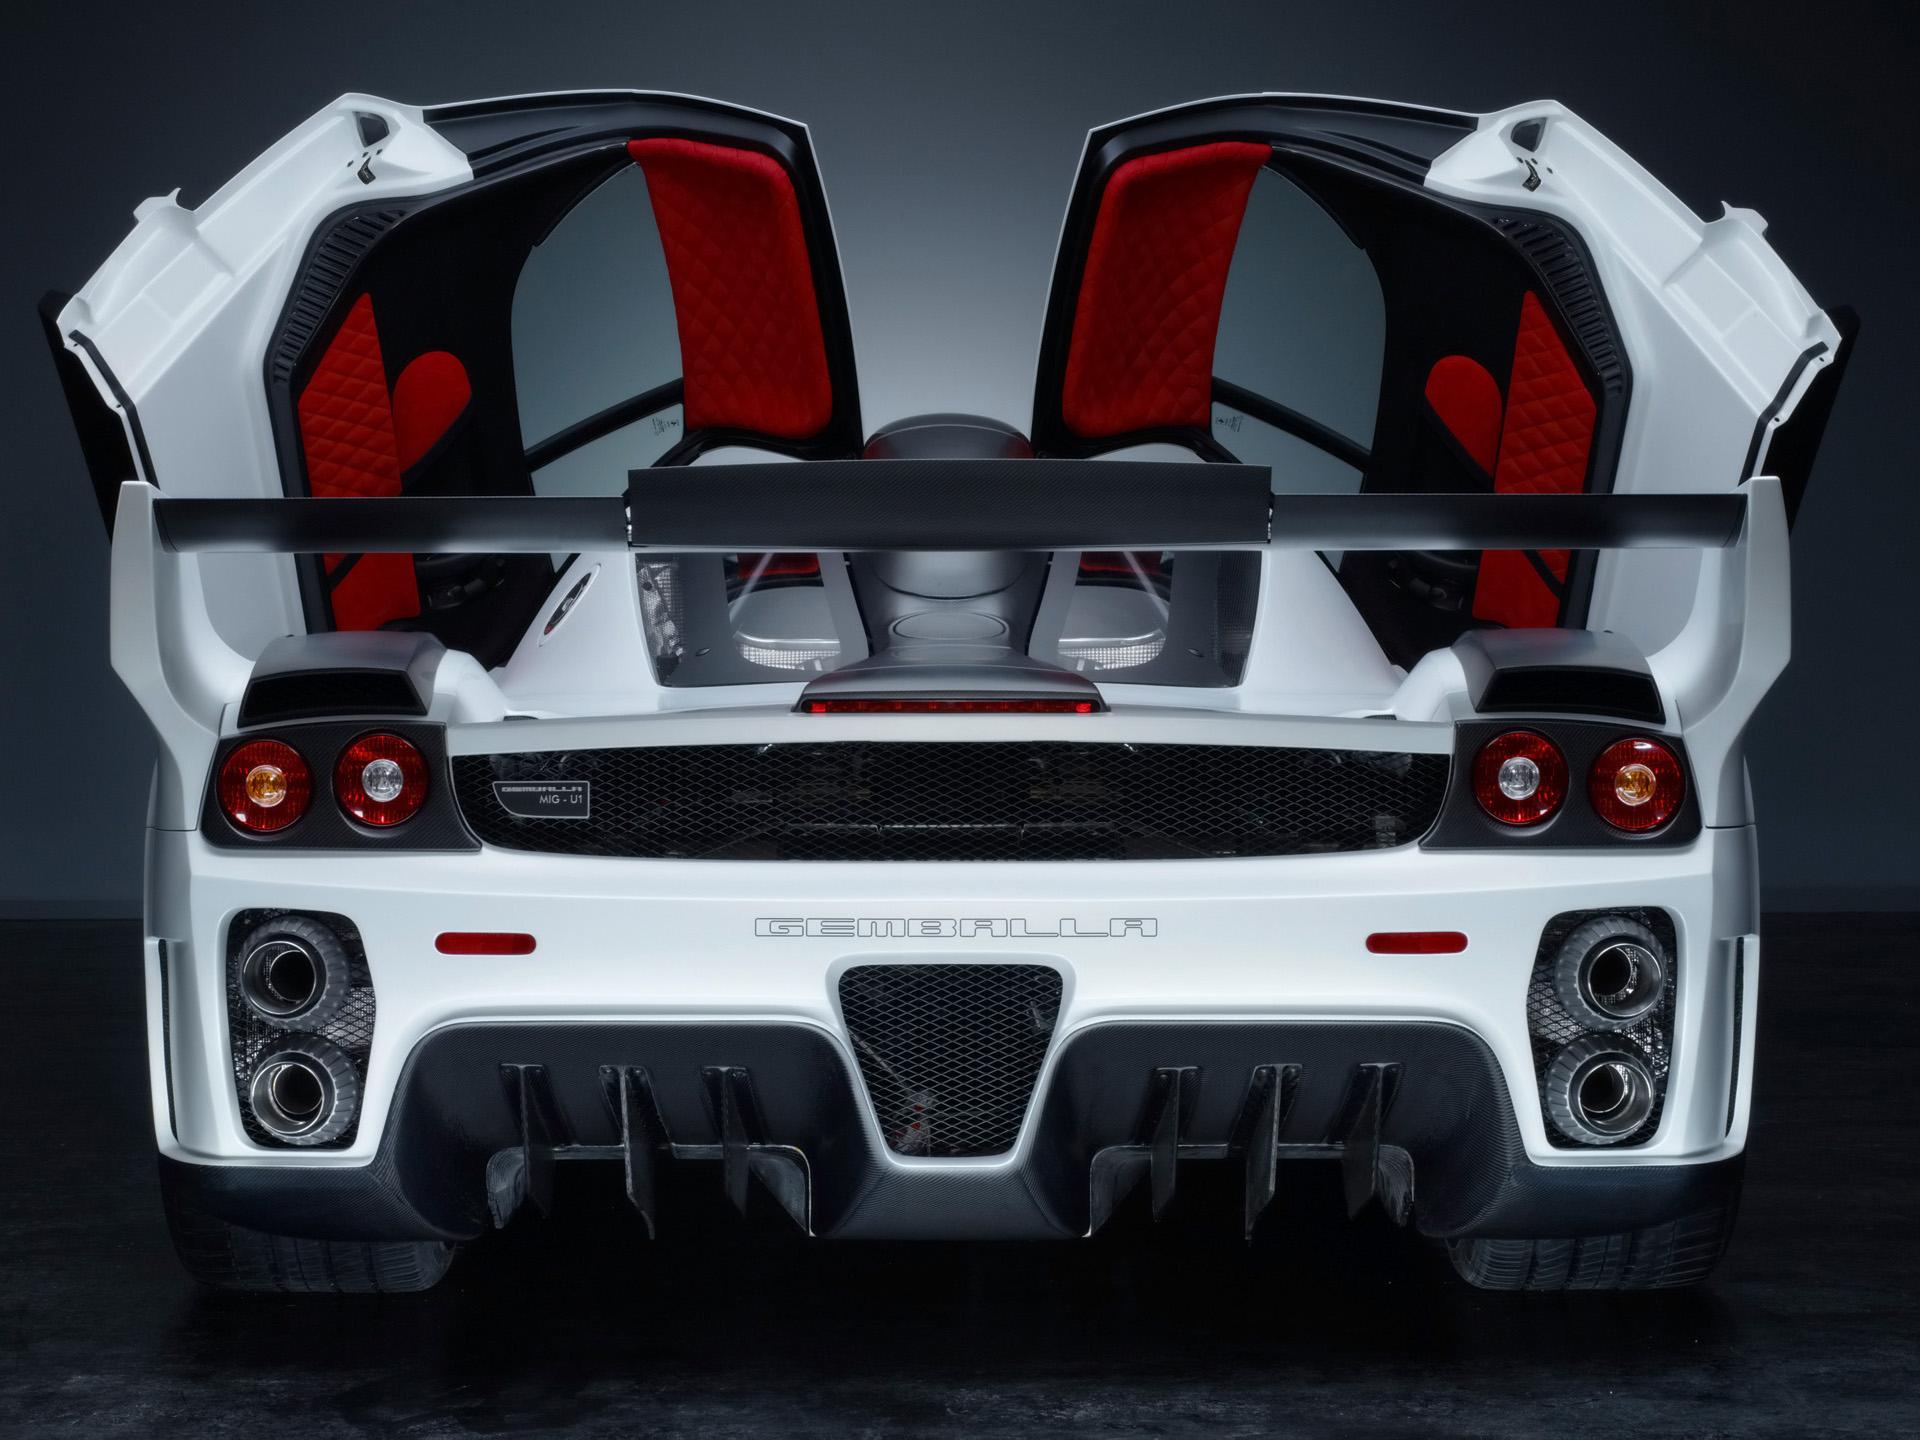 2010 gemballa mig u1 ferrari enzo supercar gd wallpaper 1920x1440 132348 wallpaperup - Ferrari Enzo 2010